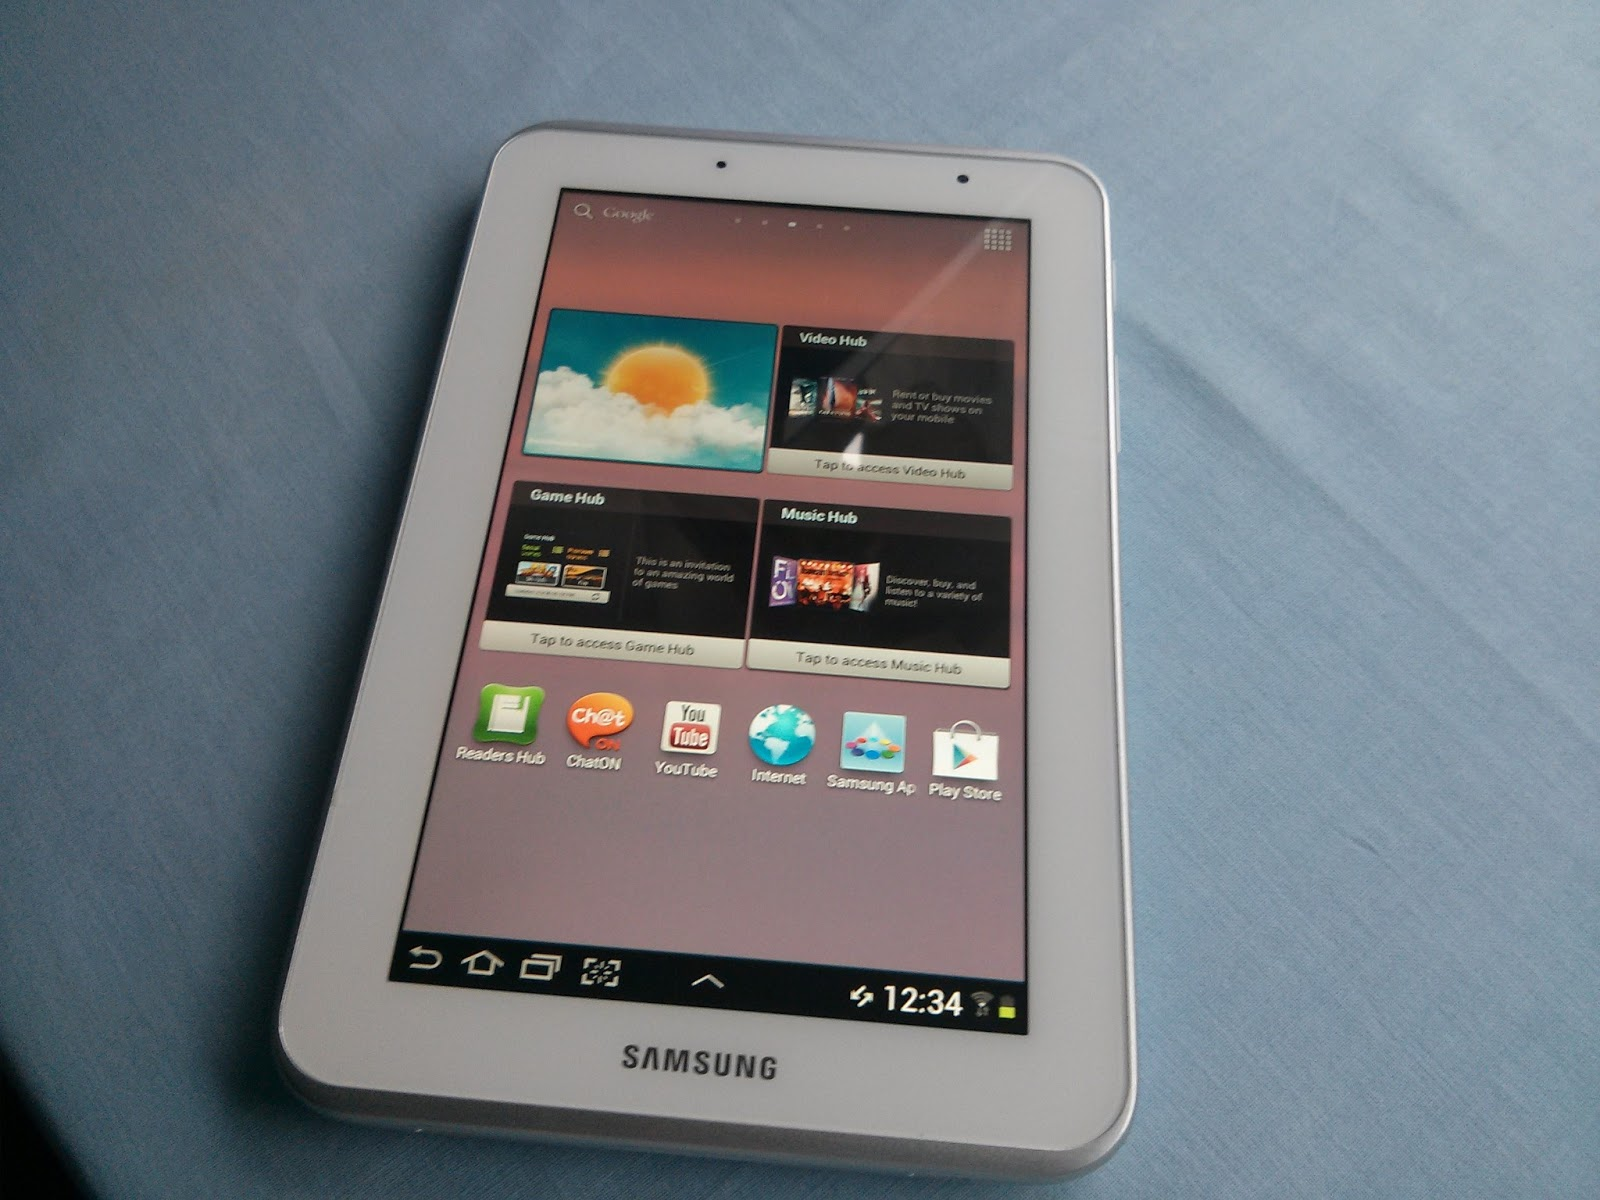 http://2.bp.blogspot.com/-HGNwR_6Np4I/UPBvlVBRC9I/AAAAAAAAIyE/9FJerI9Vtsw/s1600/Galaxy+Tab+2+7.0+Review+(4).jpg